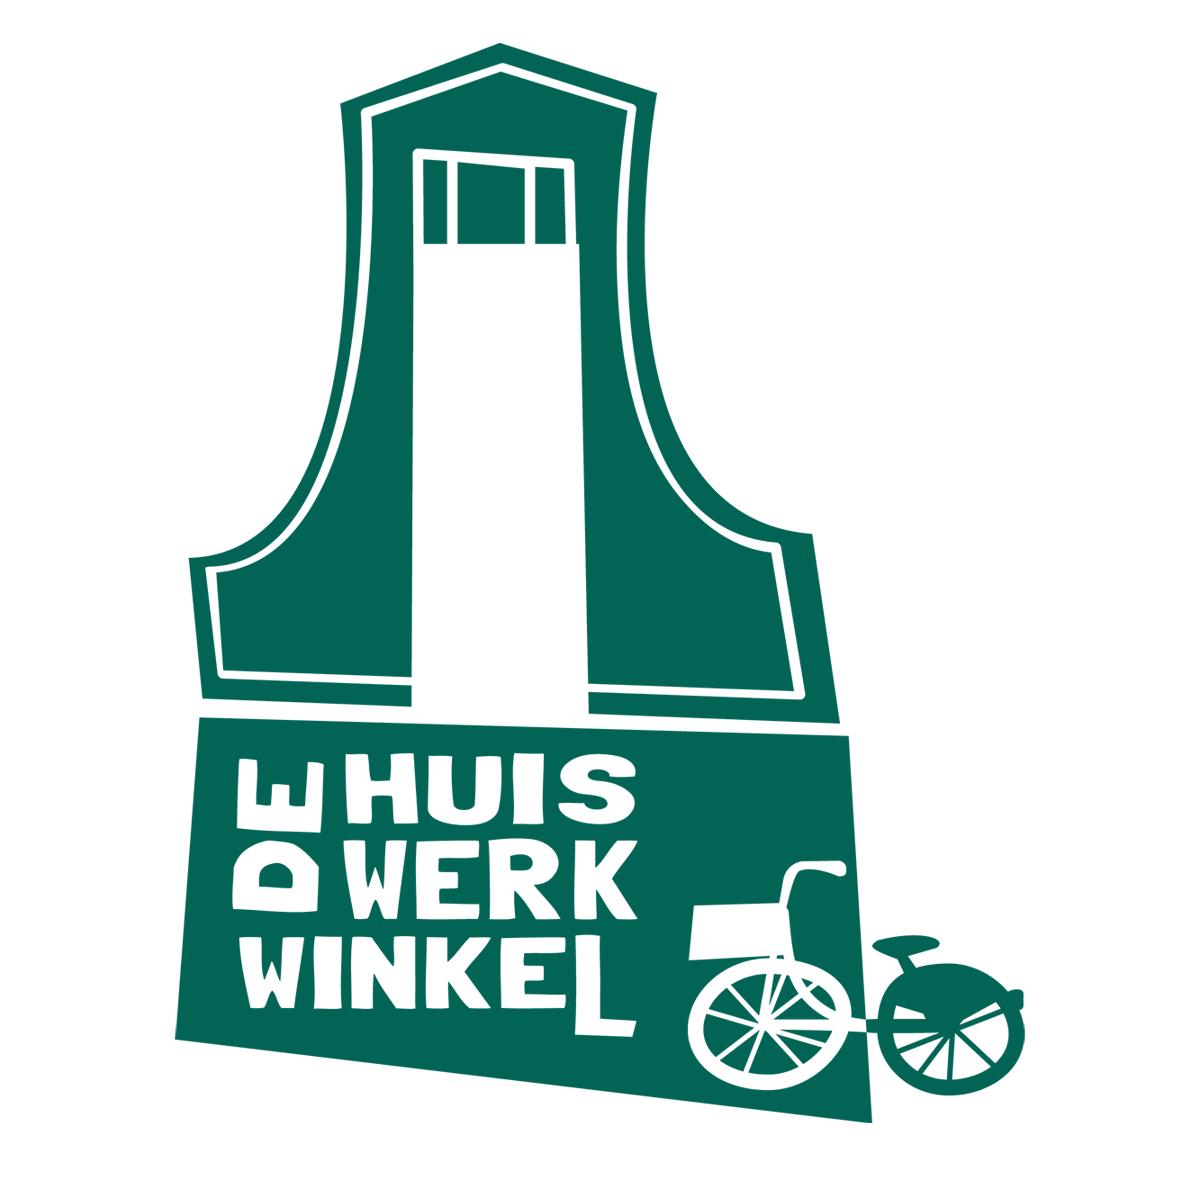 De Huiswerkwinkel - logo